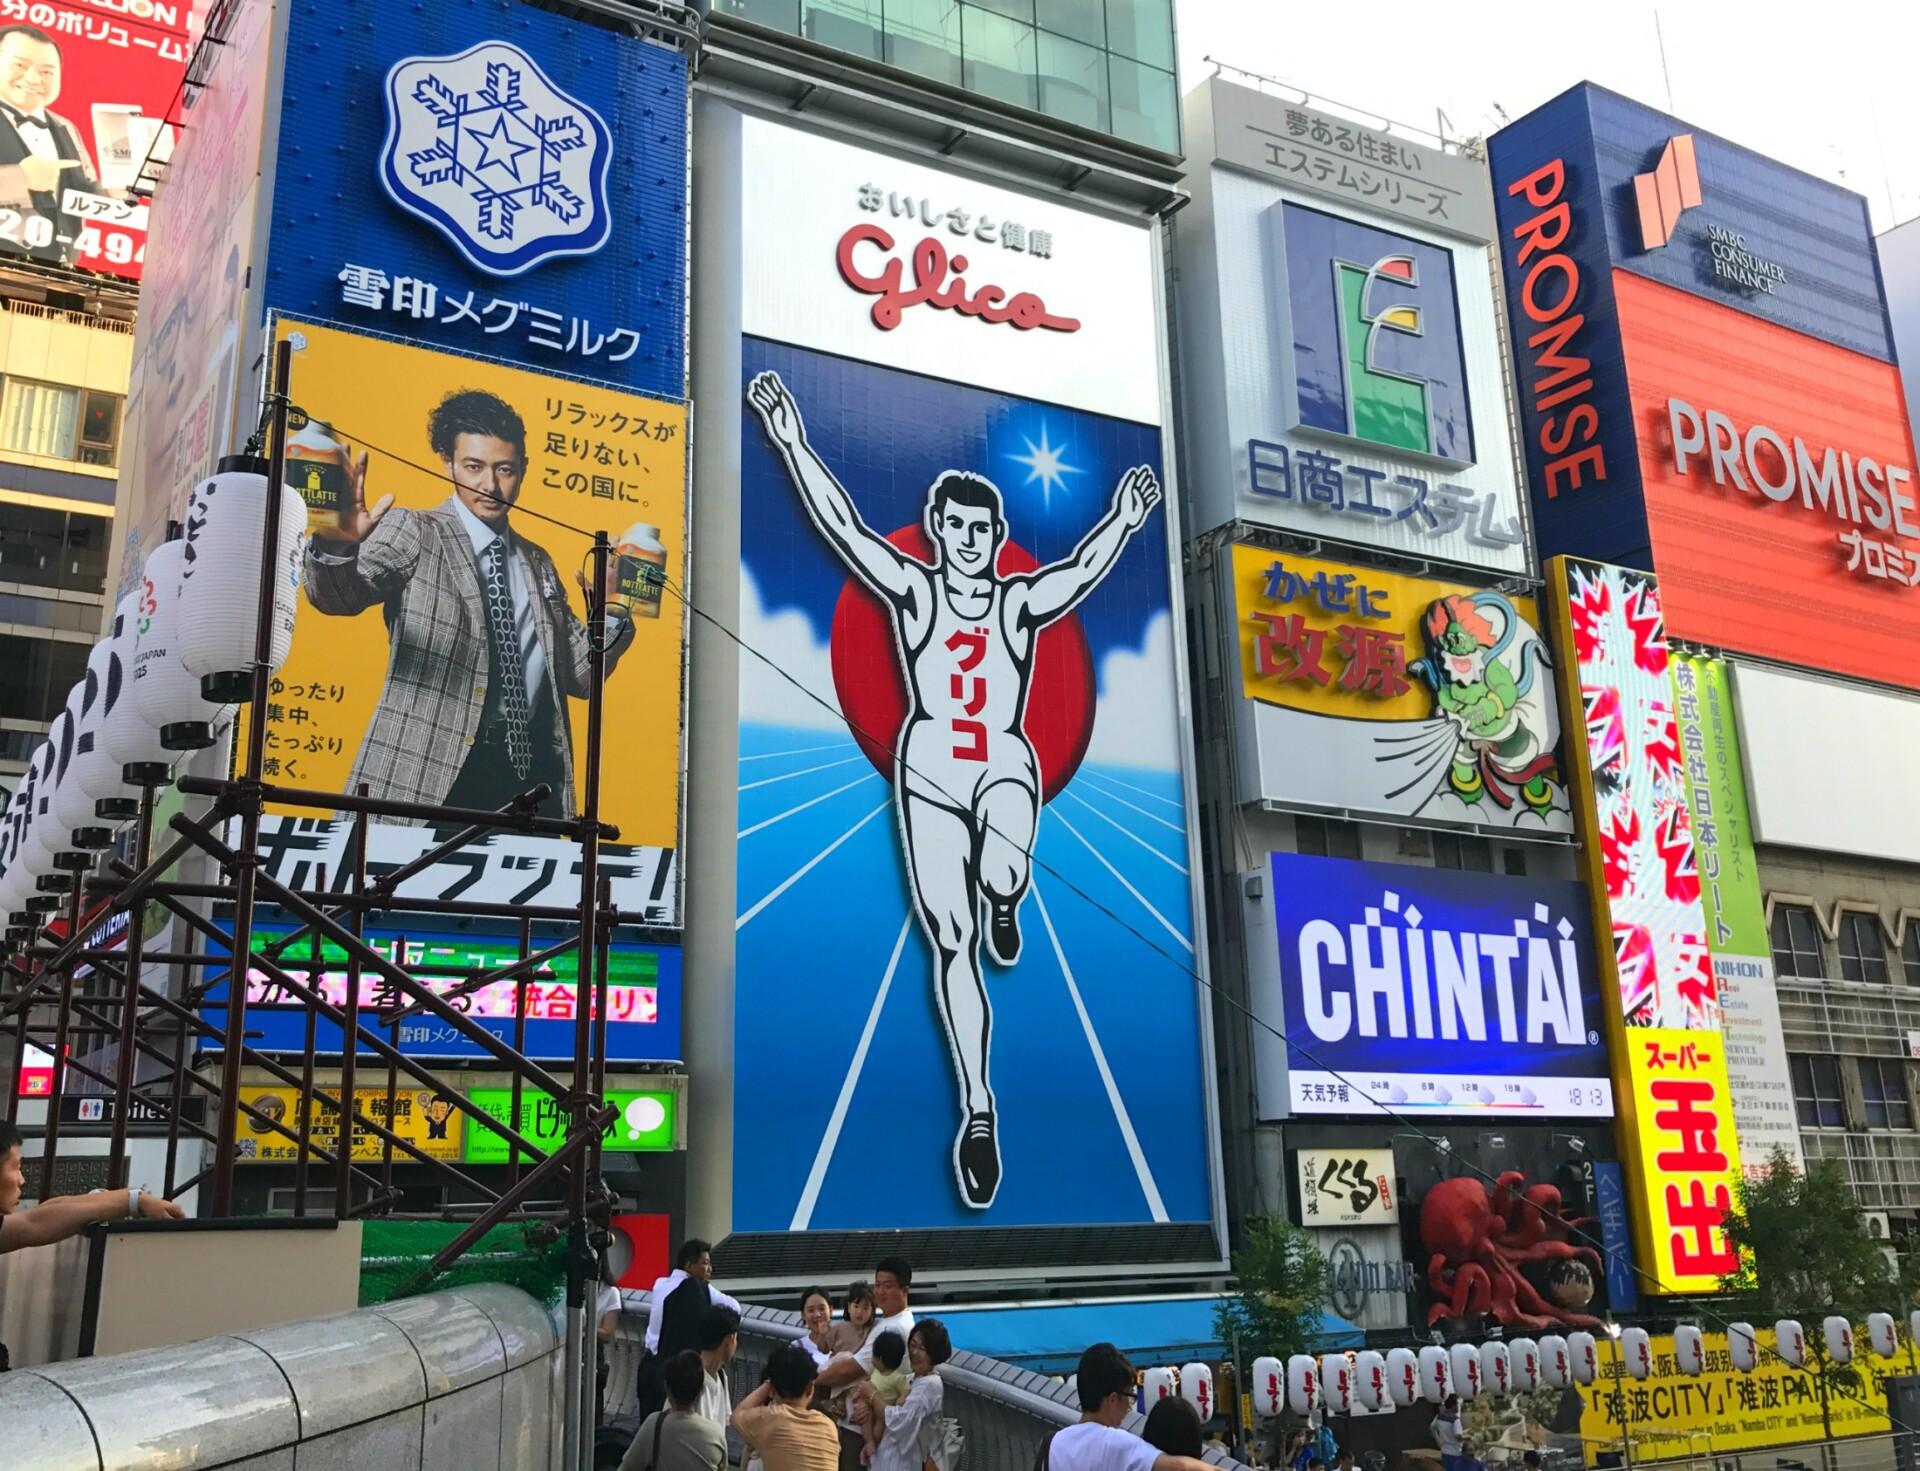 Seværdigheder i Japan: 10 ting du skal opleve i Osaka